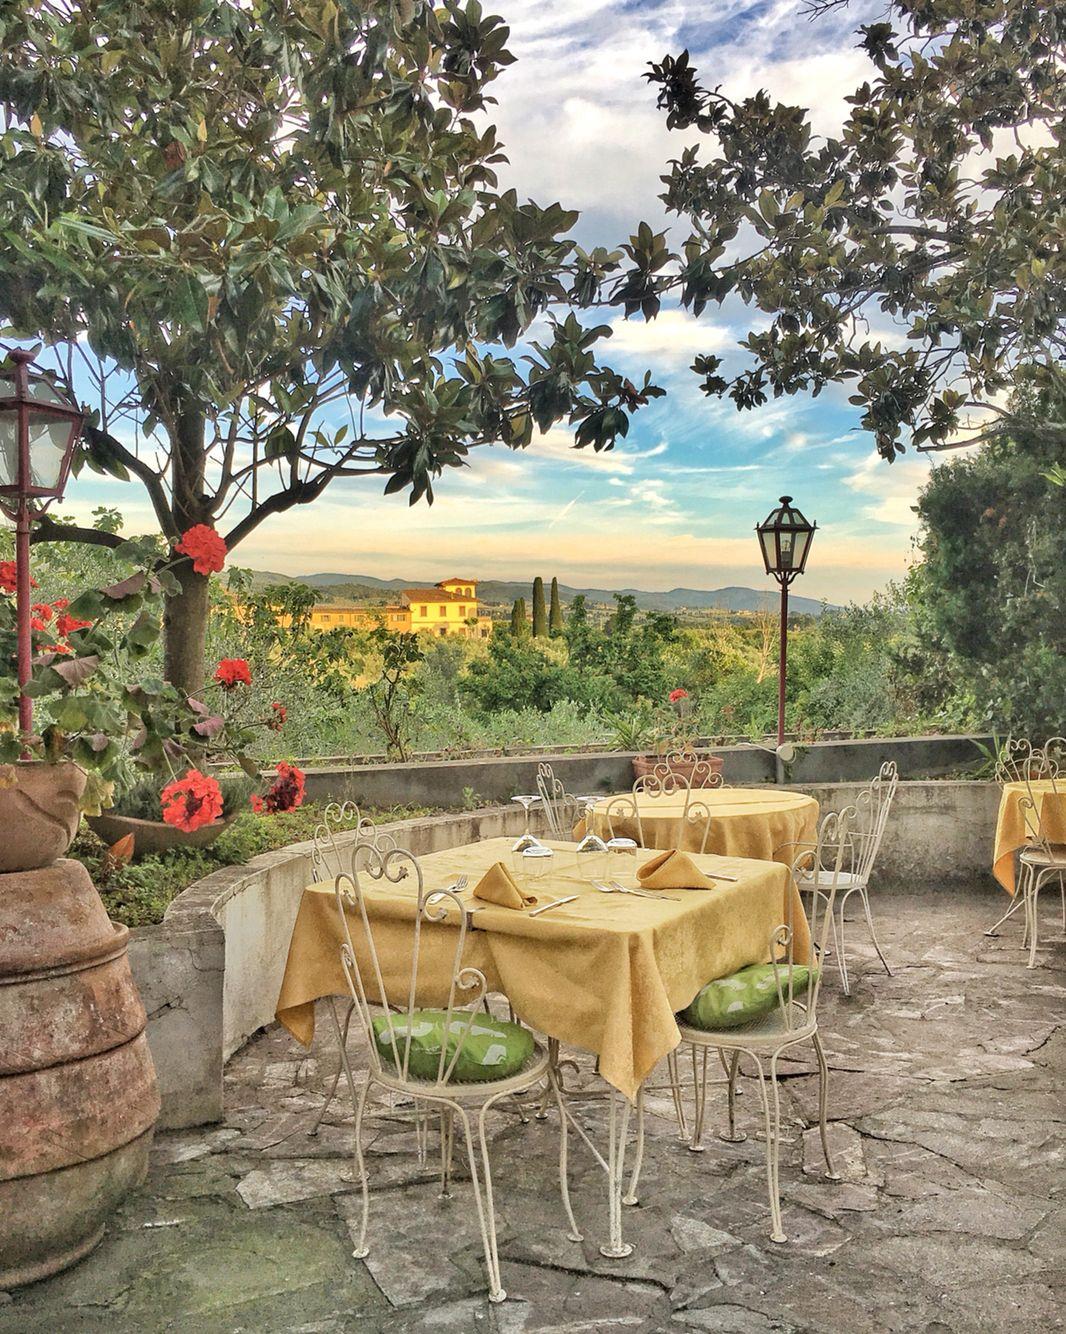 Centanni Ristorante, Bagno a Ripoli, Firenze #travel #beauty ...